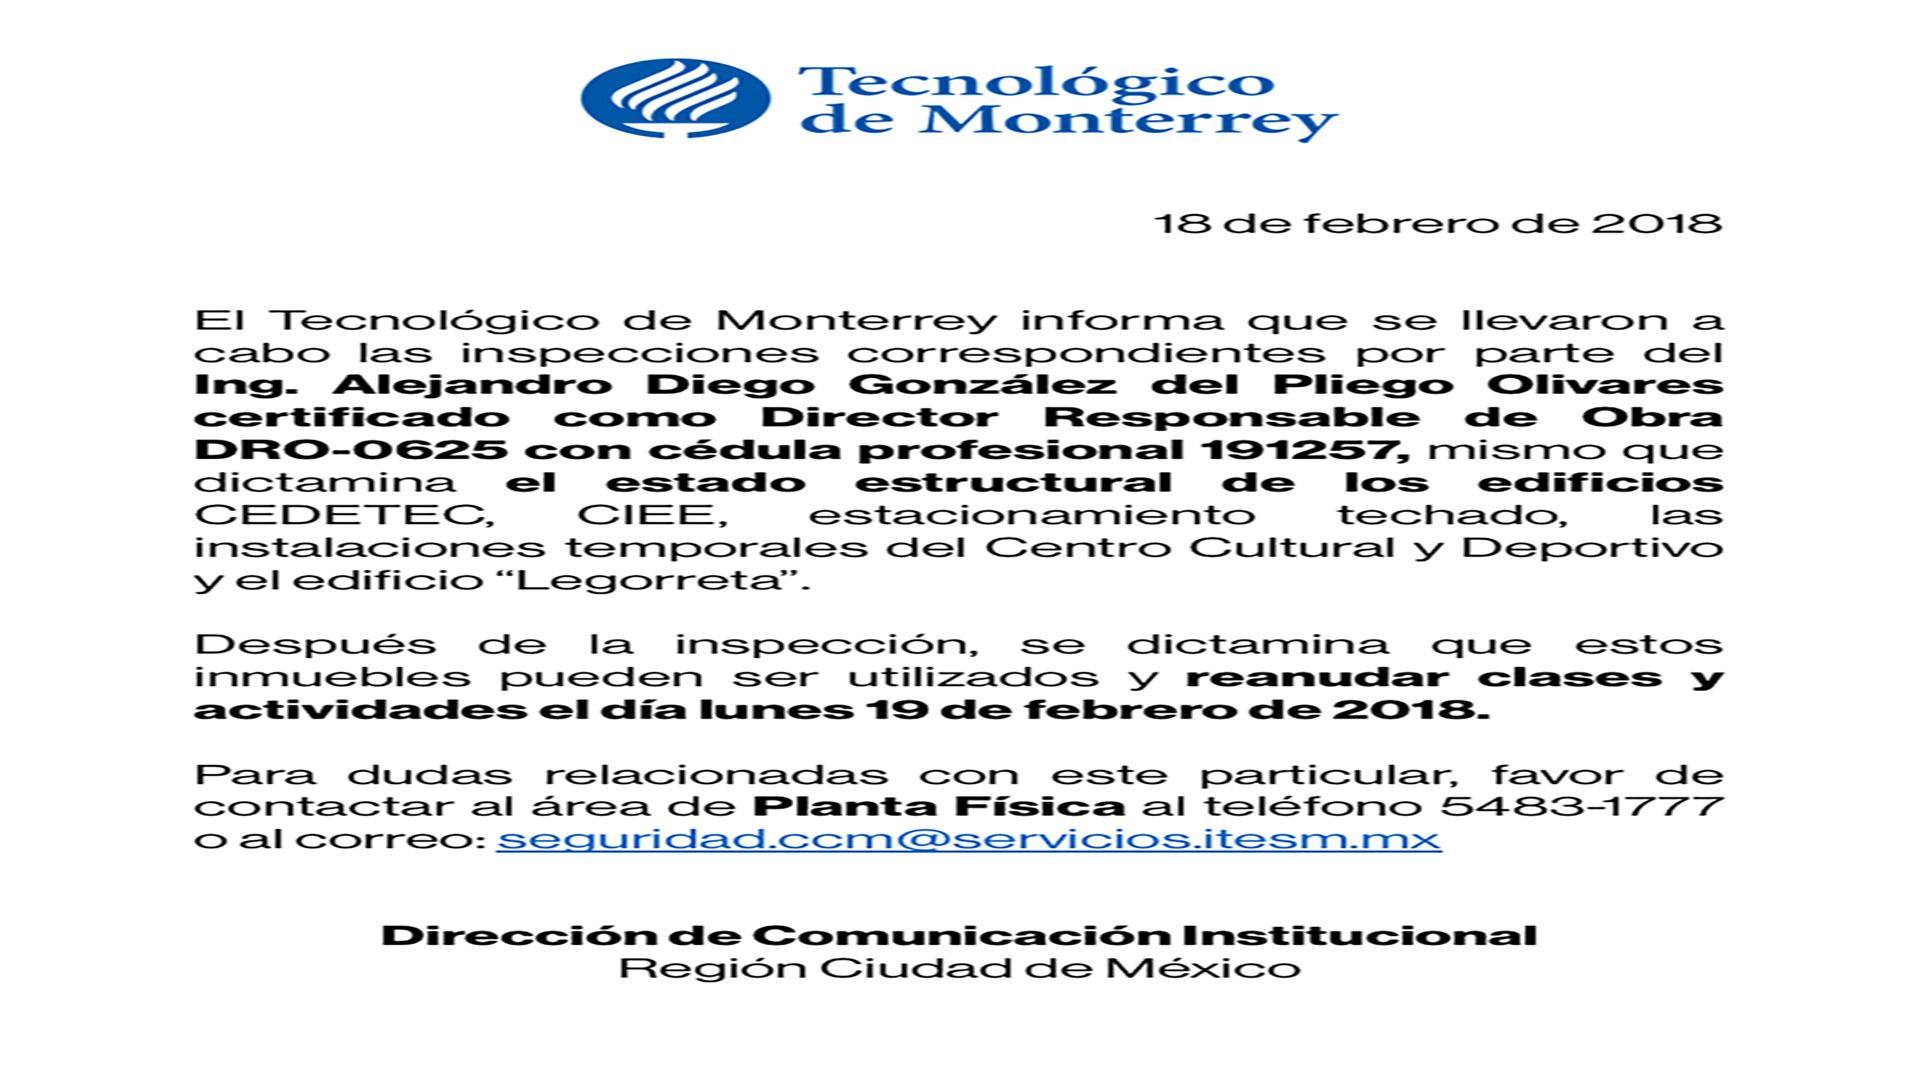 Vistoso Reanuda La Sección De Comunicación Ornamento - Ejemplo De ...